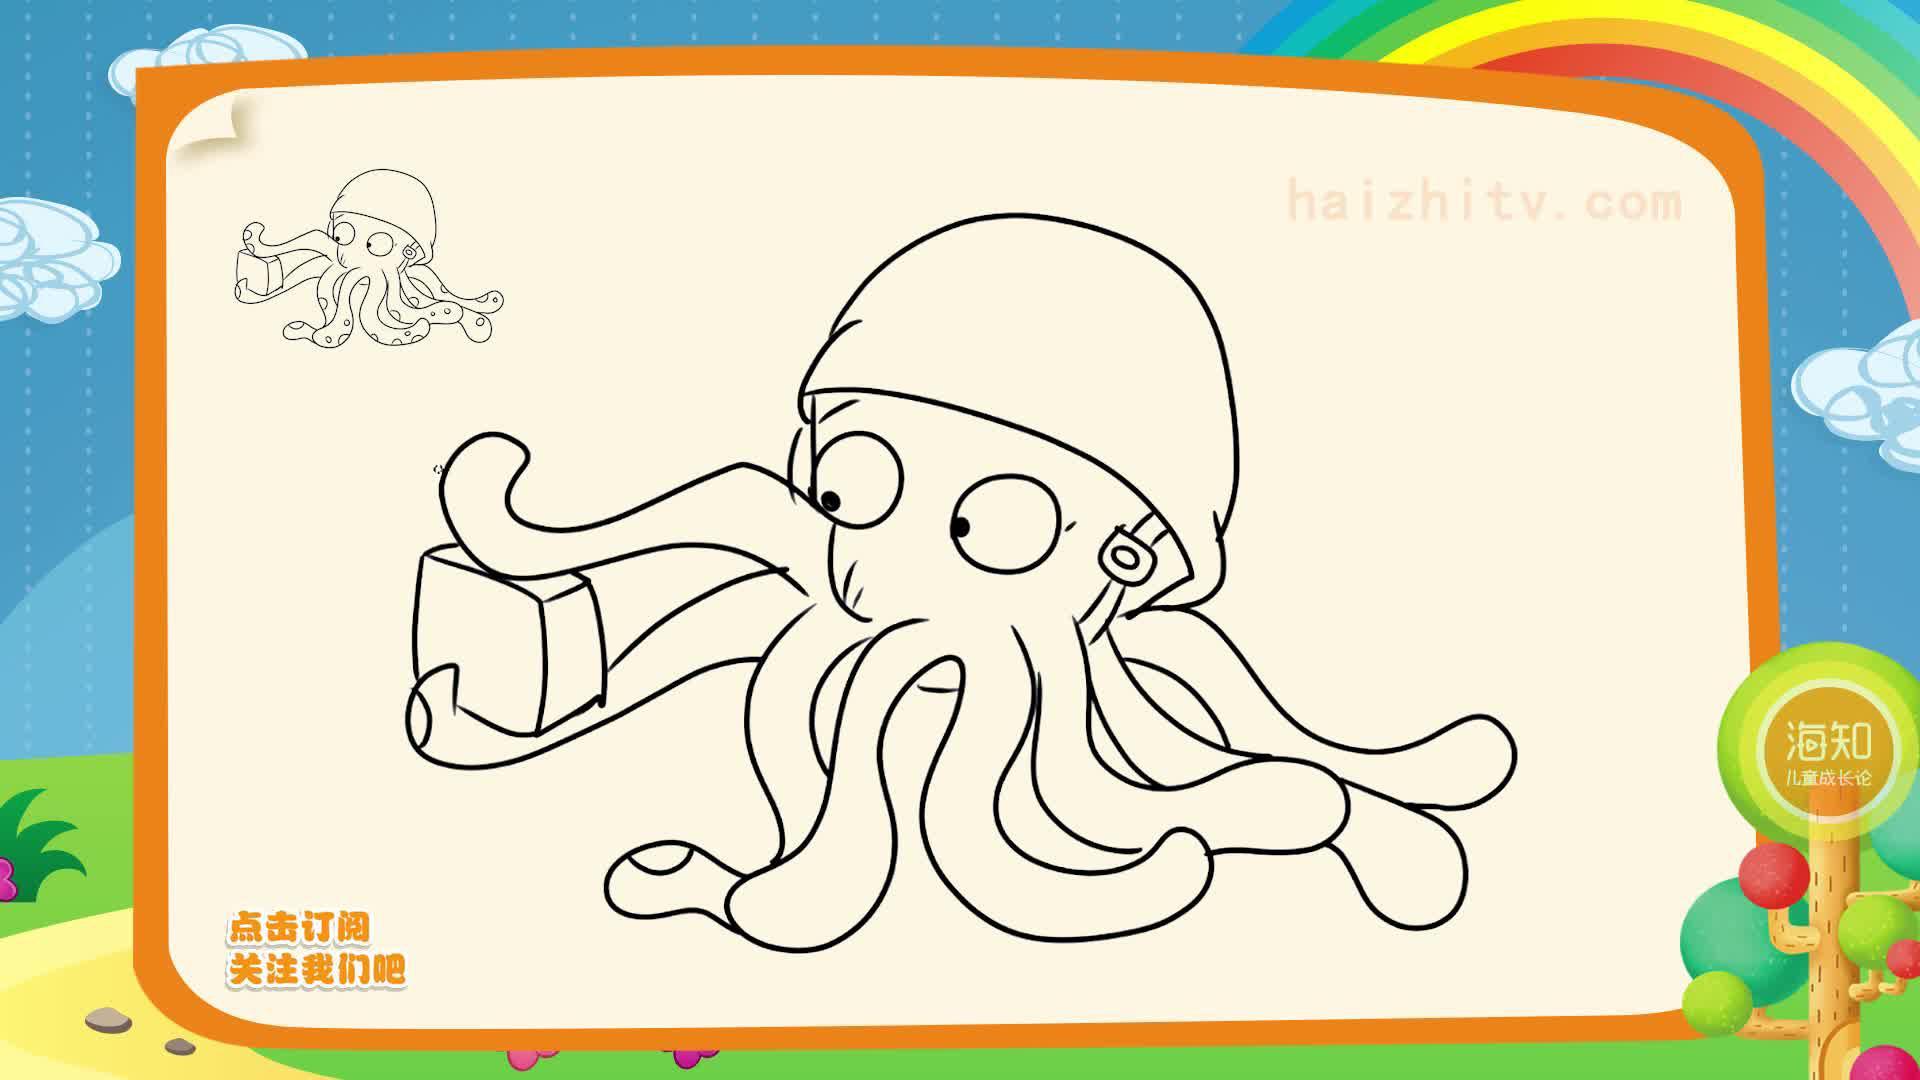 动物简笔画教程,如何画工程师章鱼,海知简笔画大全